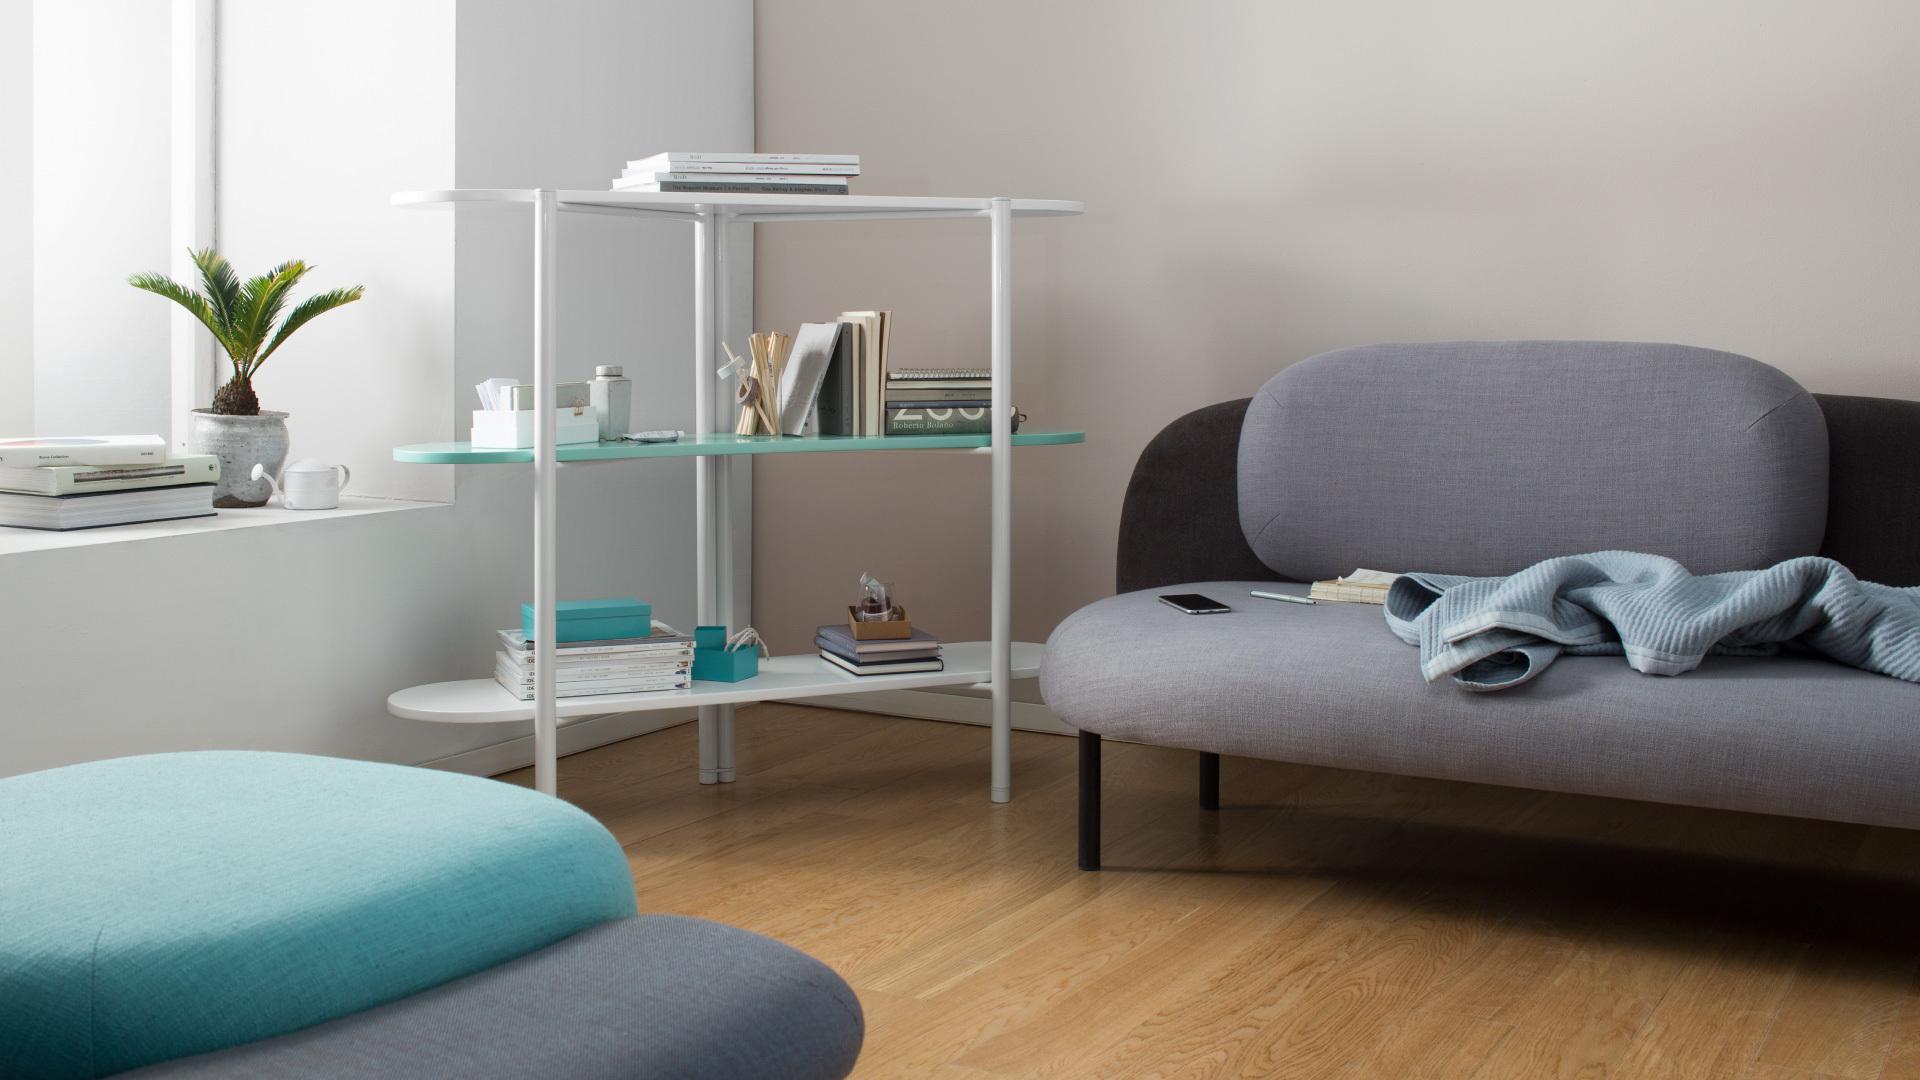 小客厅紧凑陈列,高效利用转角空间